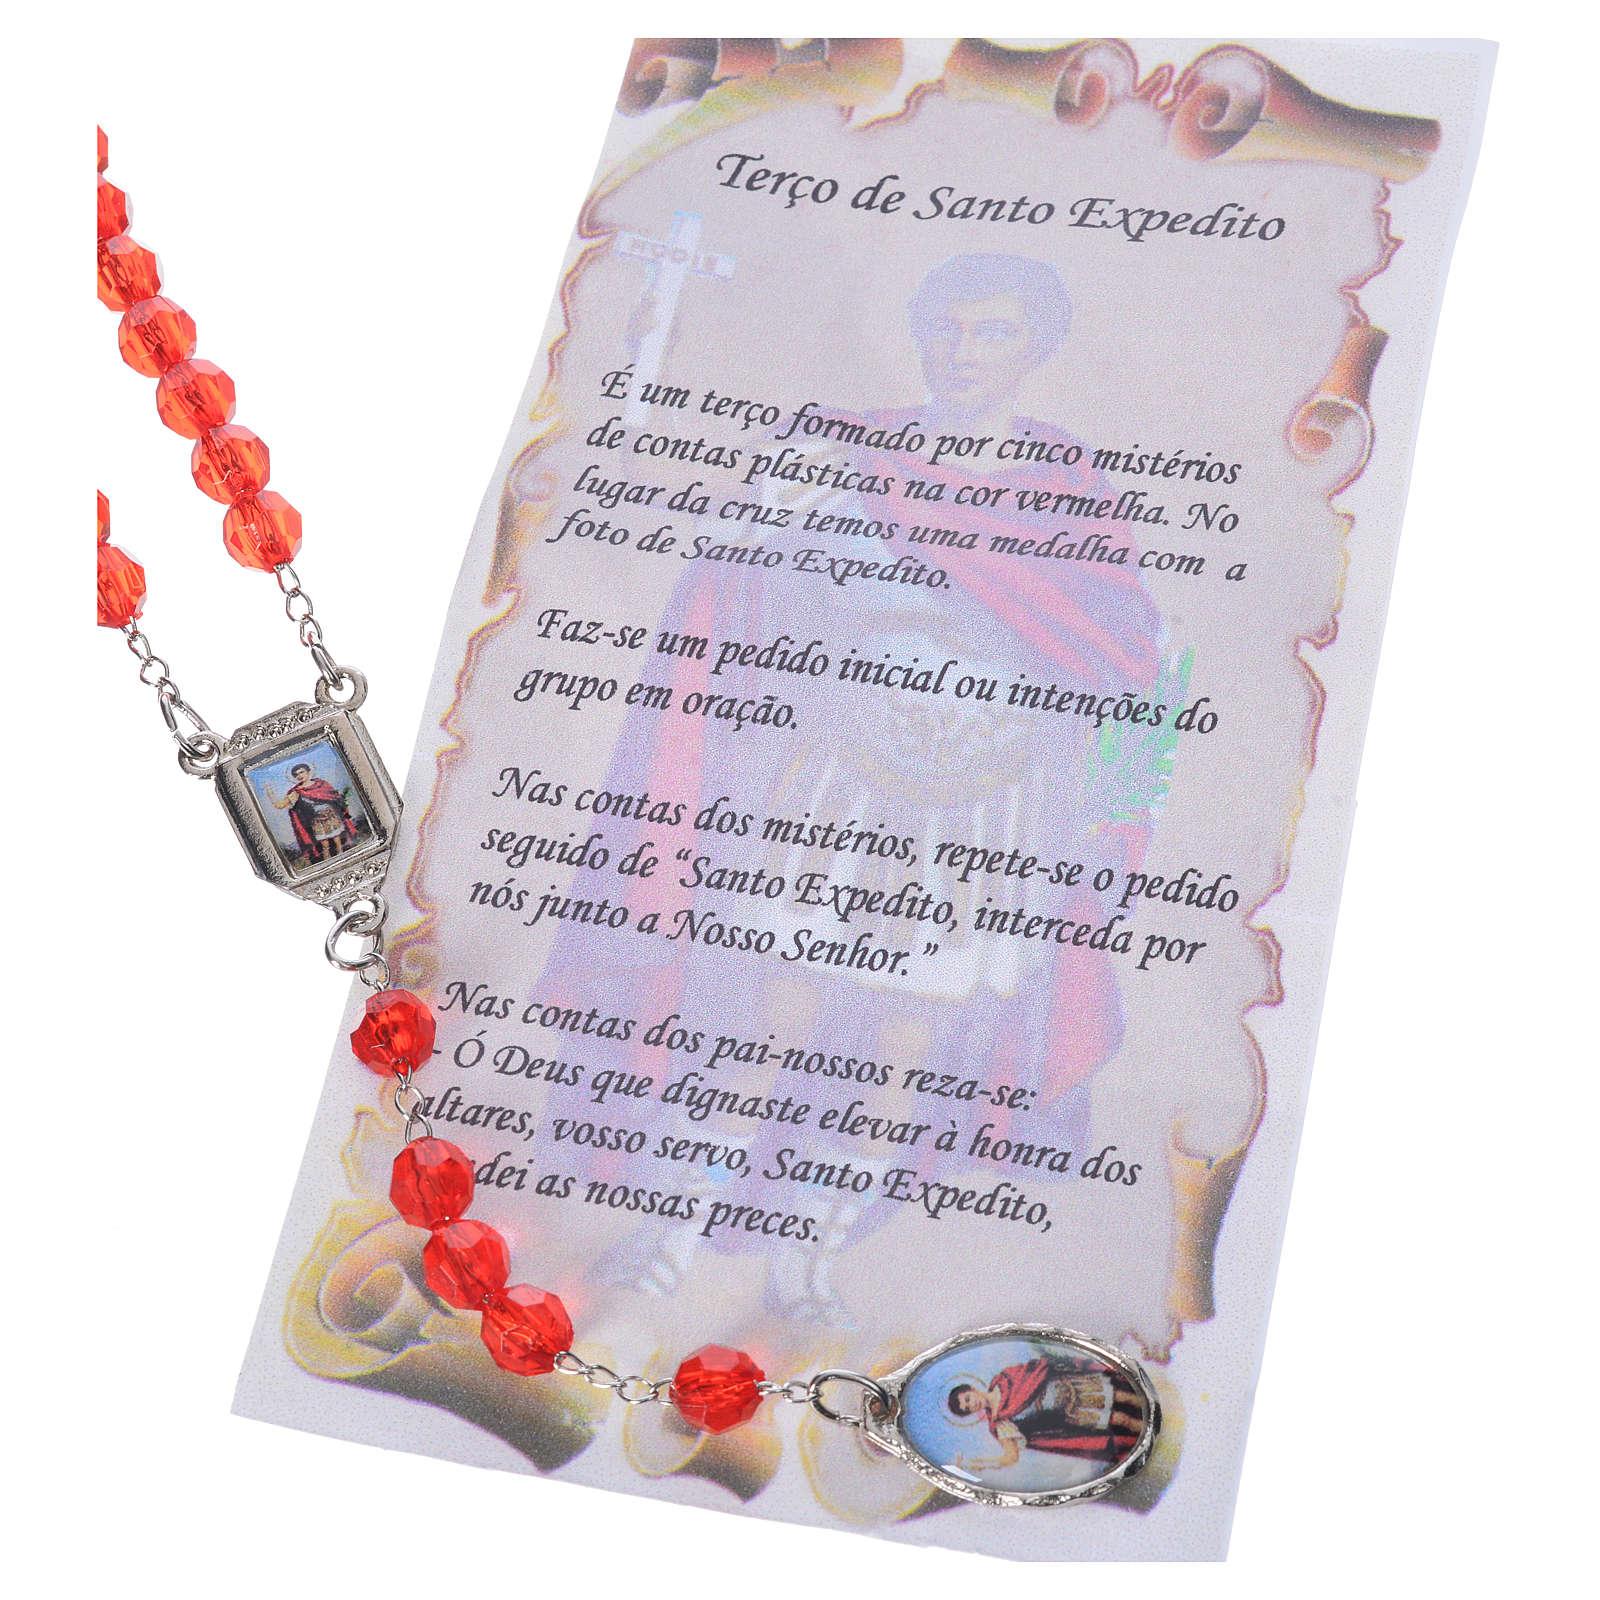 Corona devozionale San Espedito 4